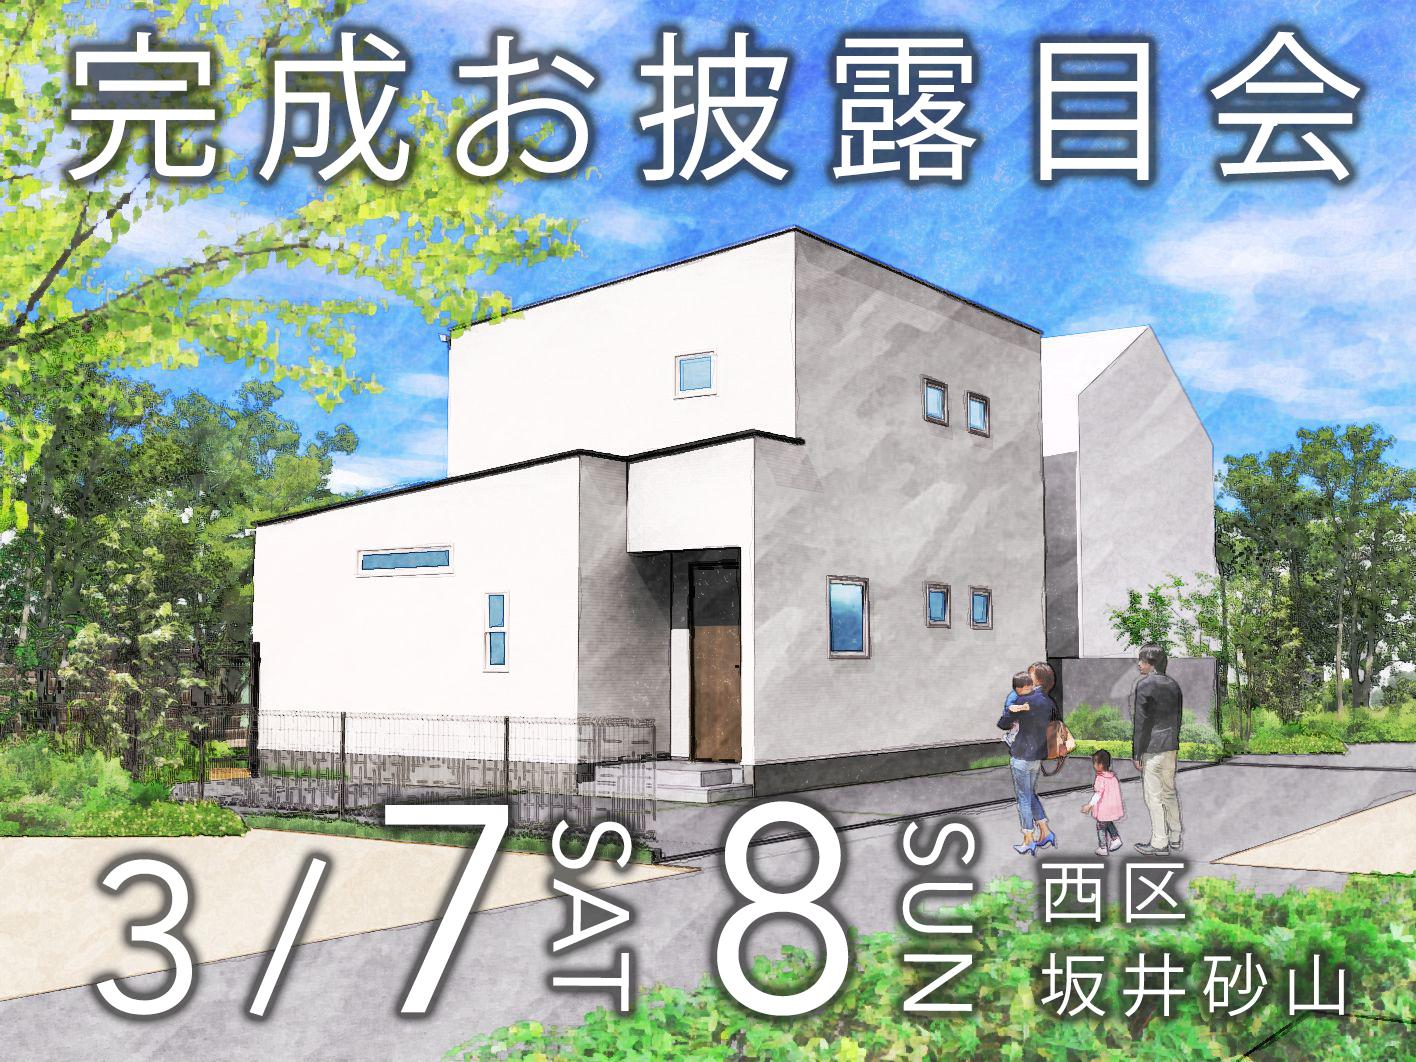 終了しました [3.7sat-8sun] 新潟市西区で完成お披露目会を開催します|シンプルモダンの家